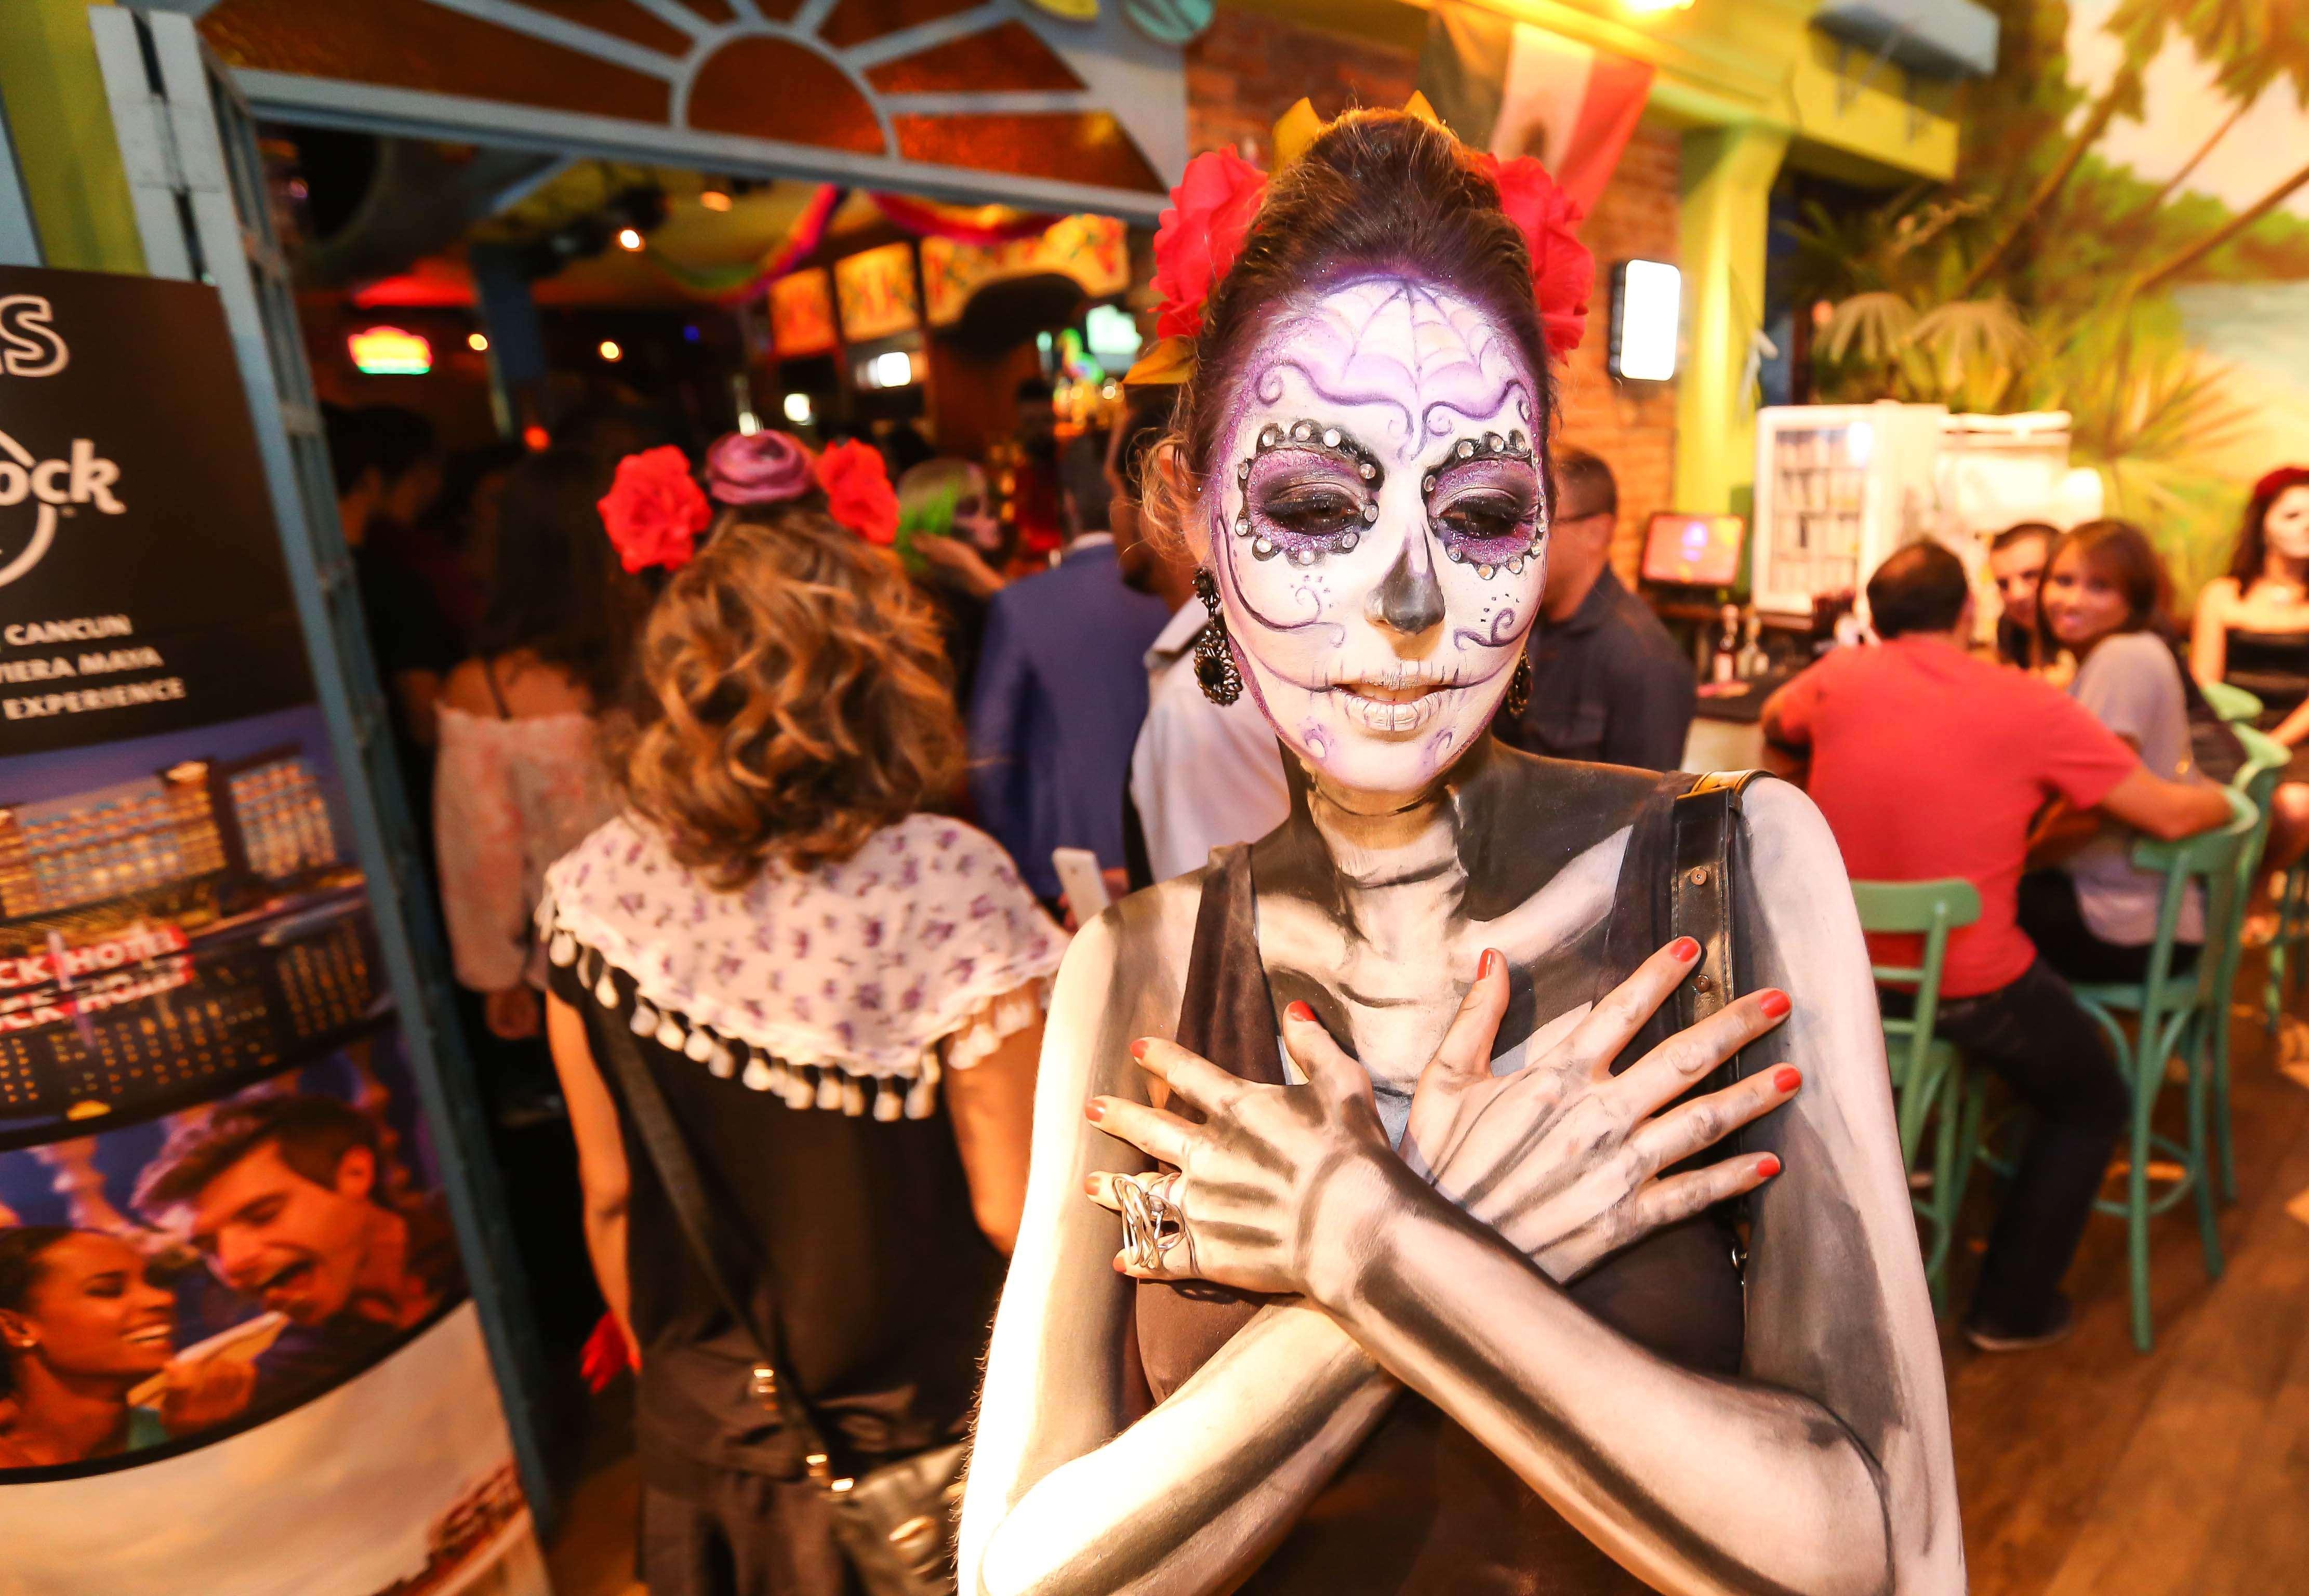 Noites concorridas durante as festas de Halloween